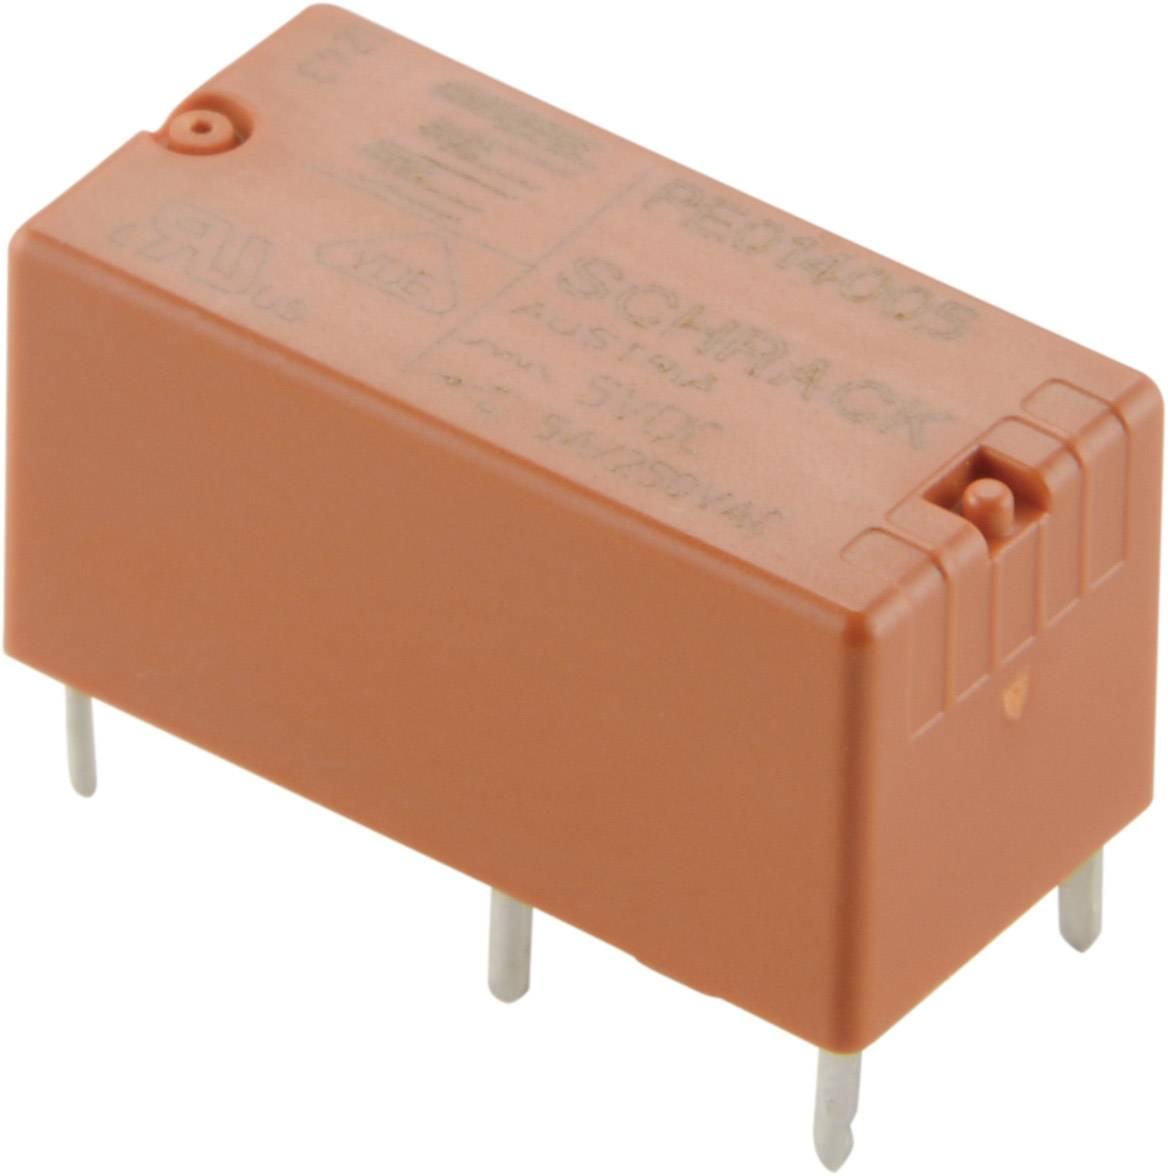 Výkonové relé PE 5 A, 1 x přepínací kontakt TE Connectivity 1-1415390-1, PE014F05, 5 A, 440 V/AC 750/1250 VA